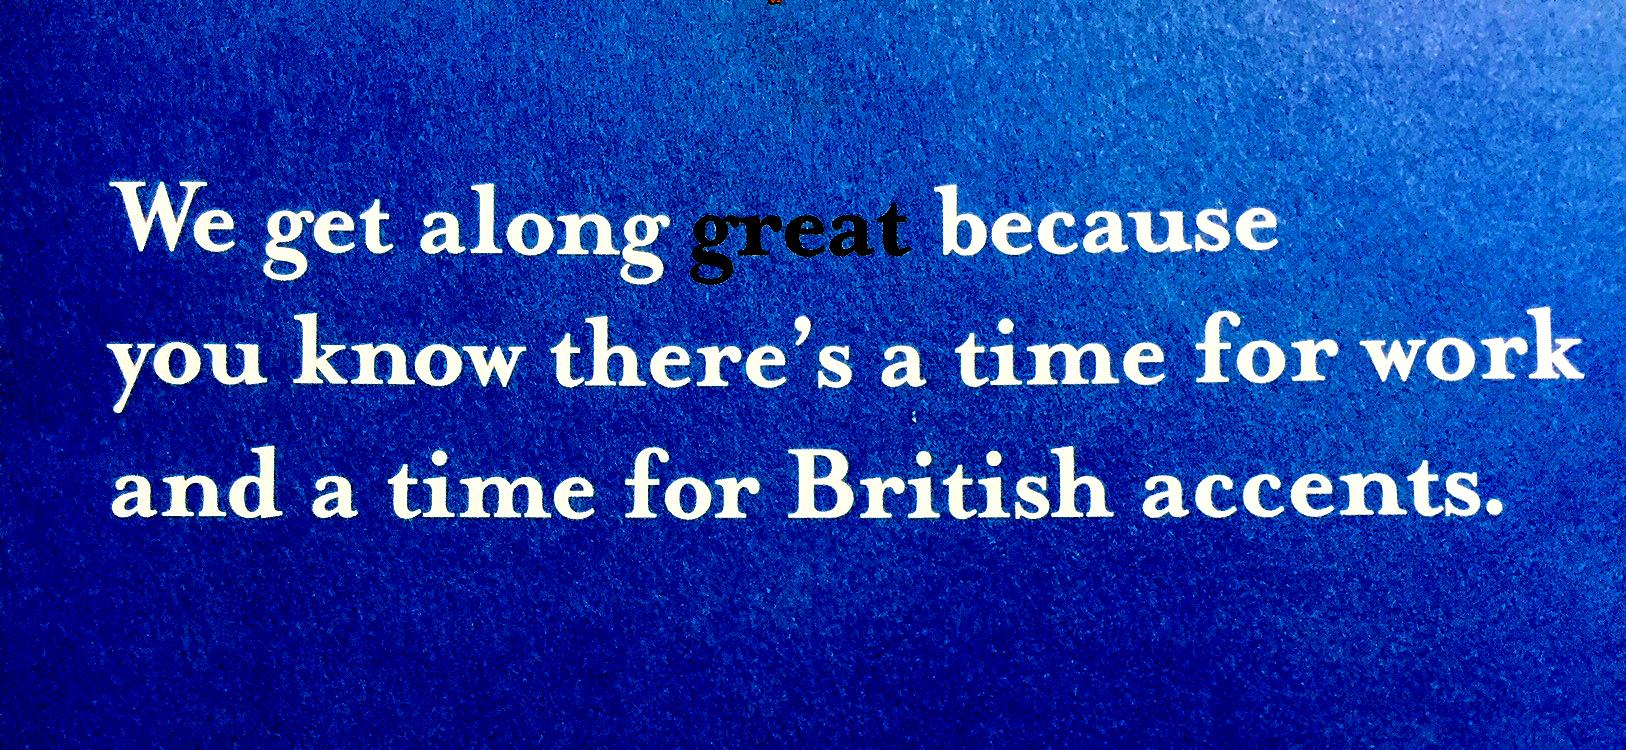 british accents